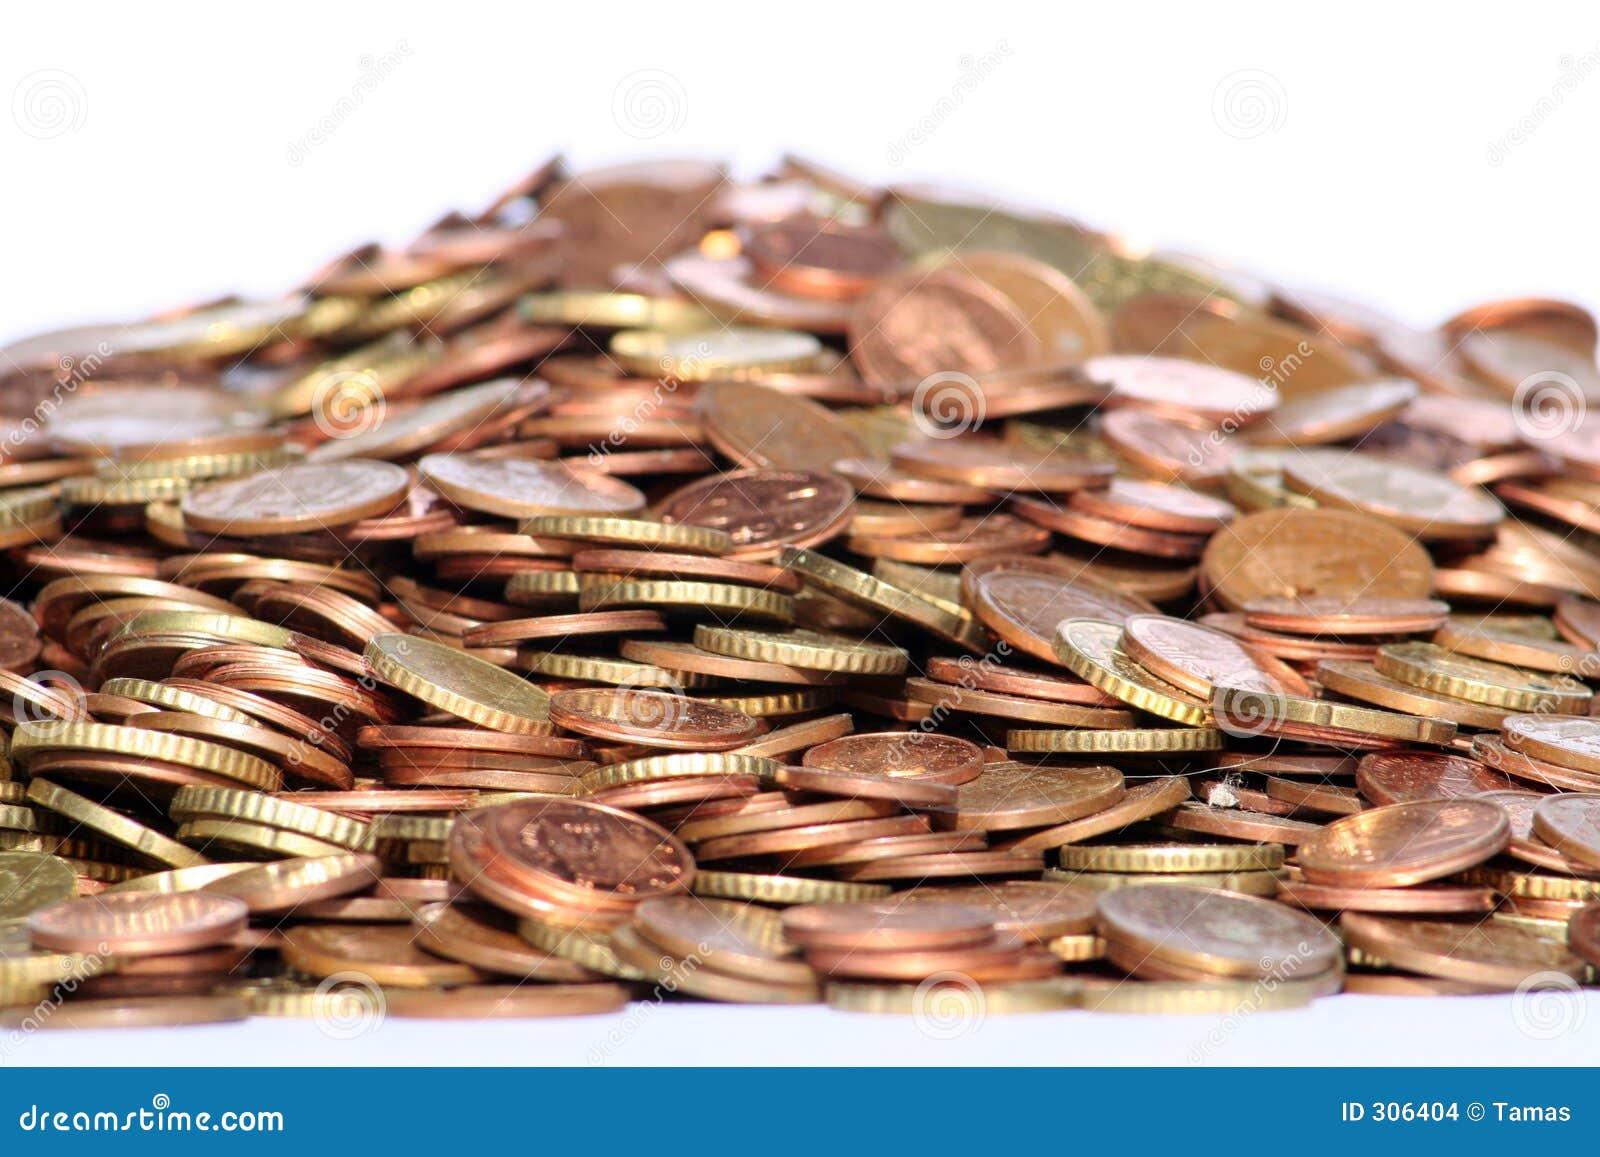 Fußboden Aus Kupfermünzen ~ Stapel der kupfermünzen stockfoto bild von profit euro